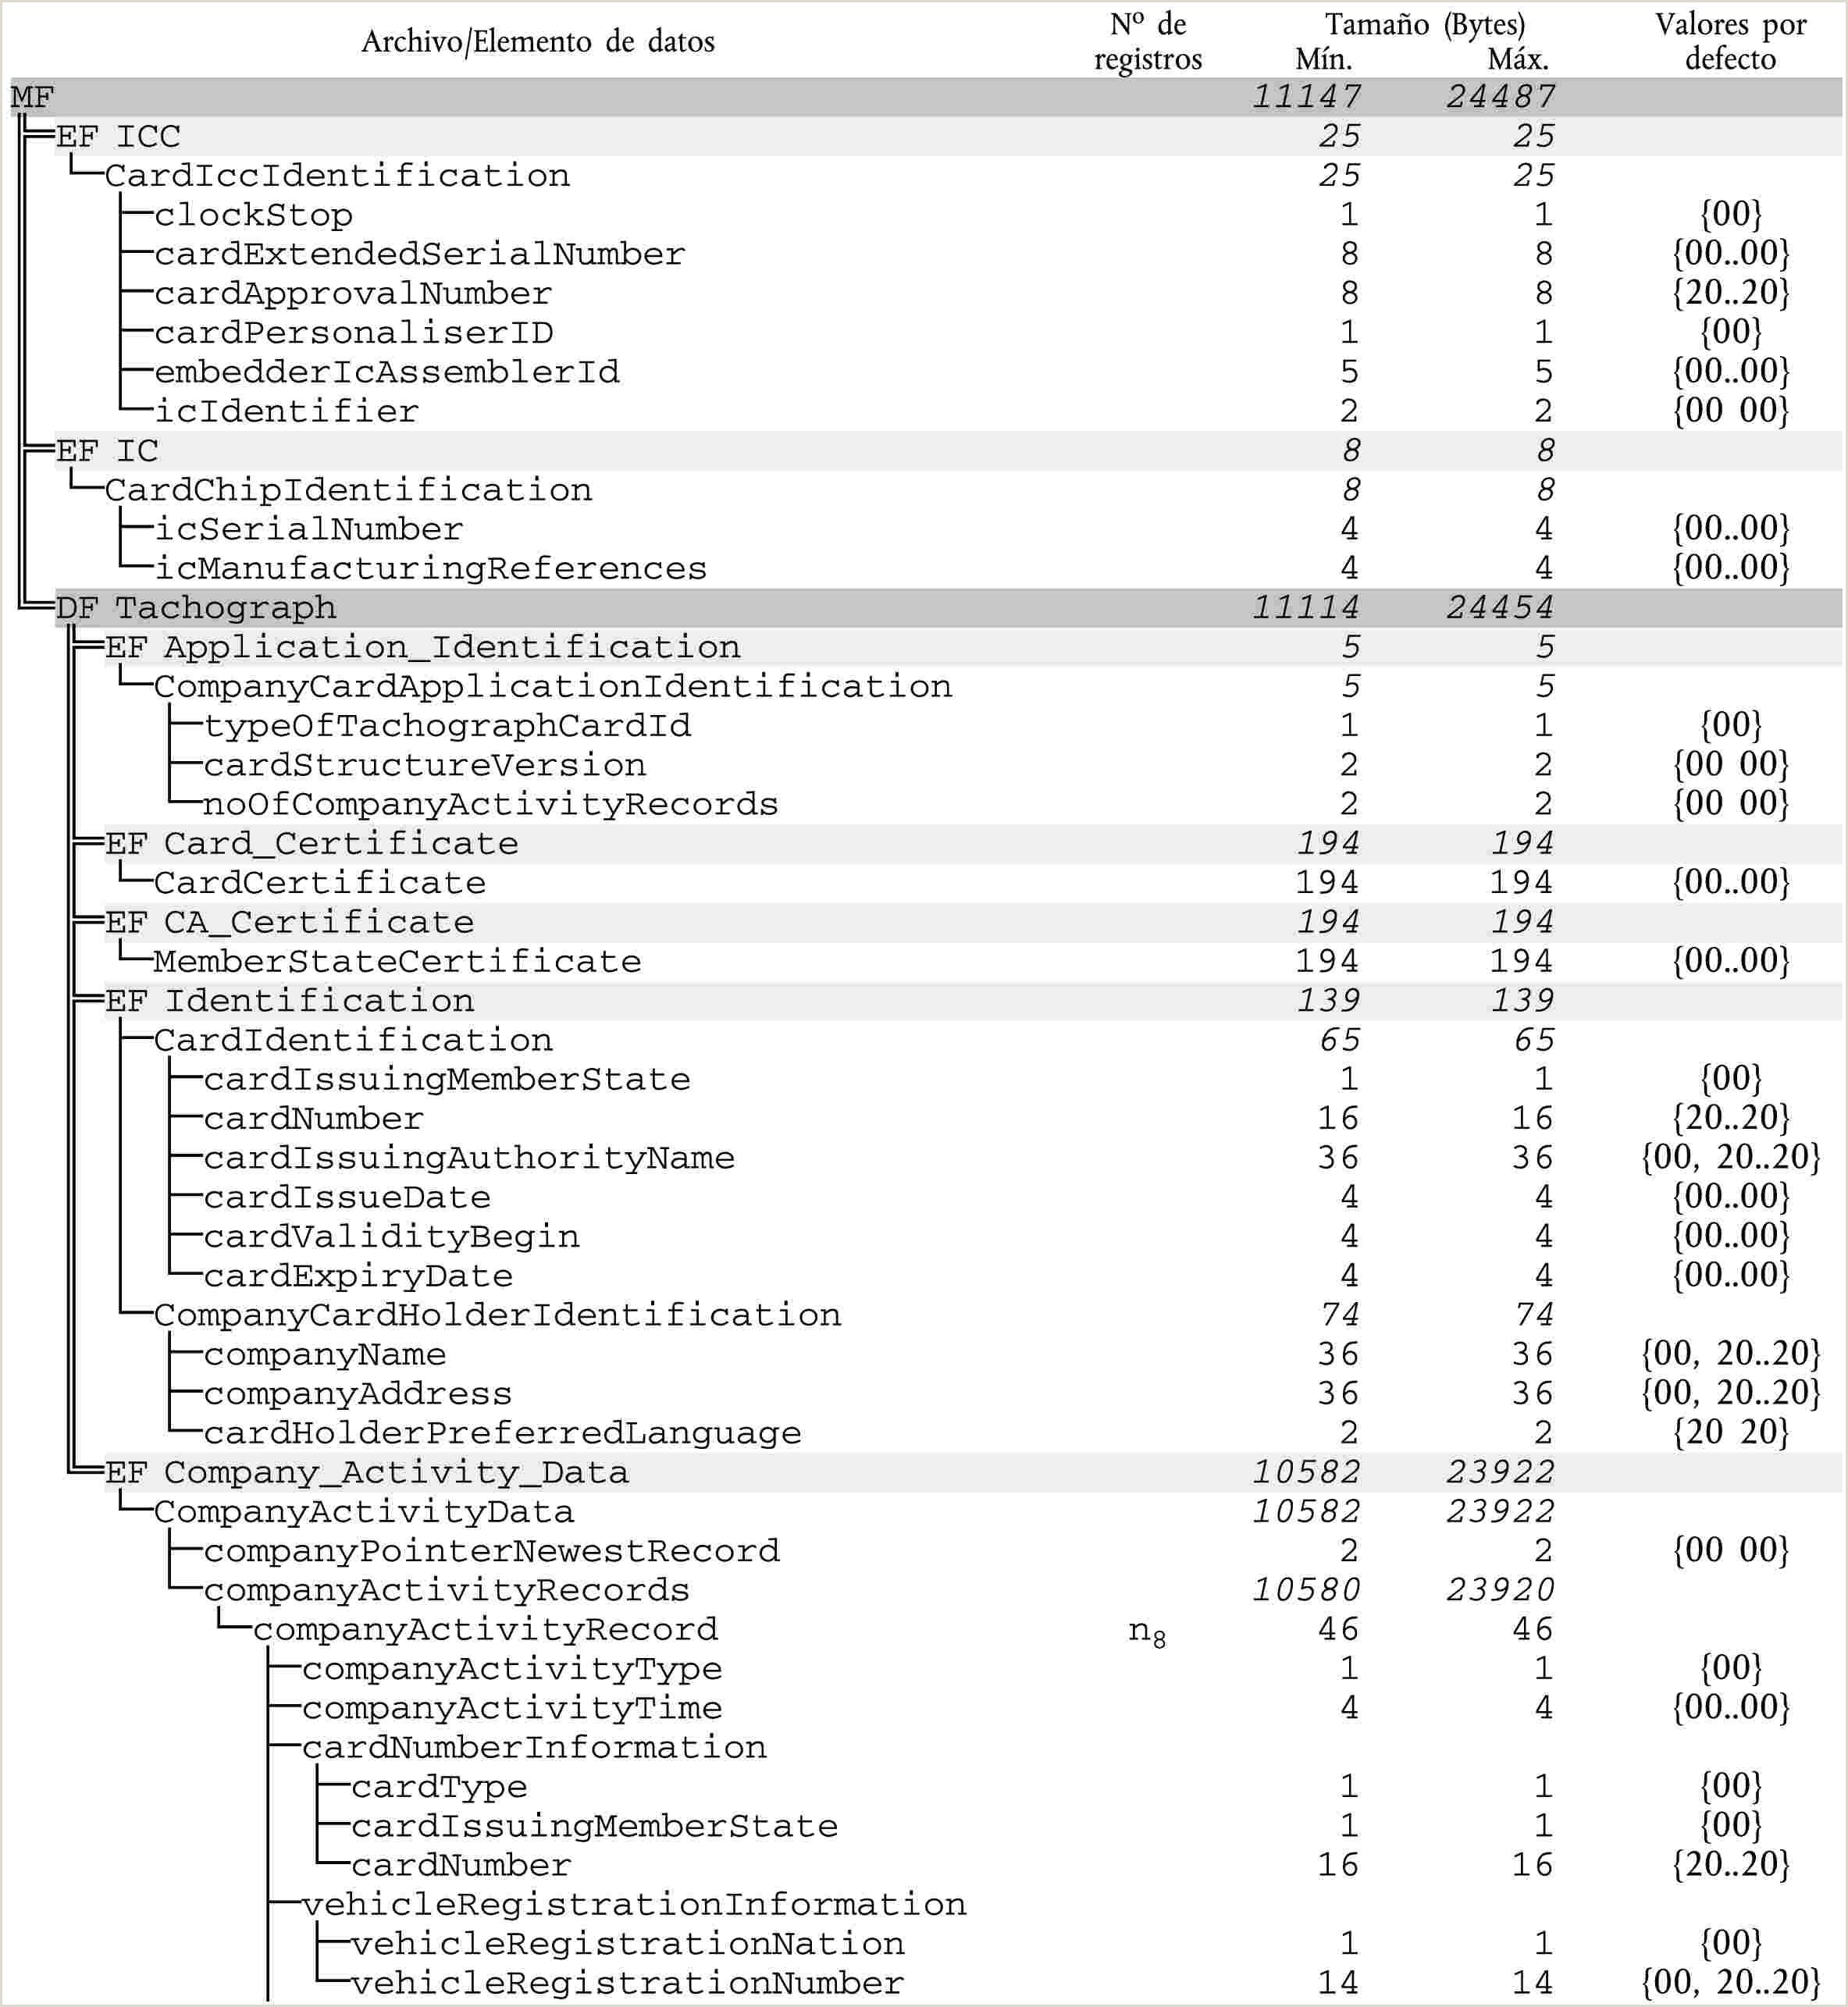 Como Hacer Hoja De Vida formato Texto Consolidado R3821 — Es — 01 10 2012